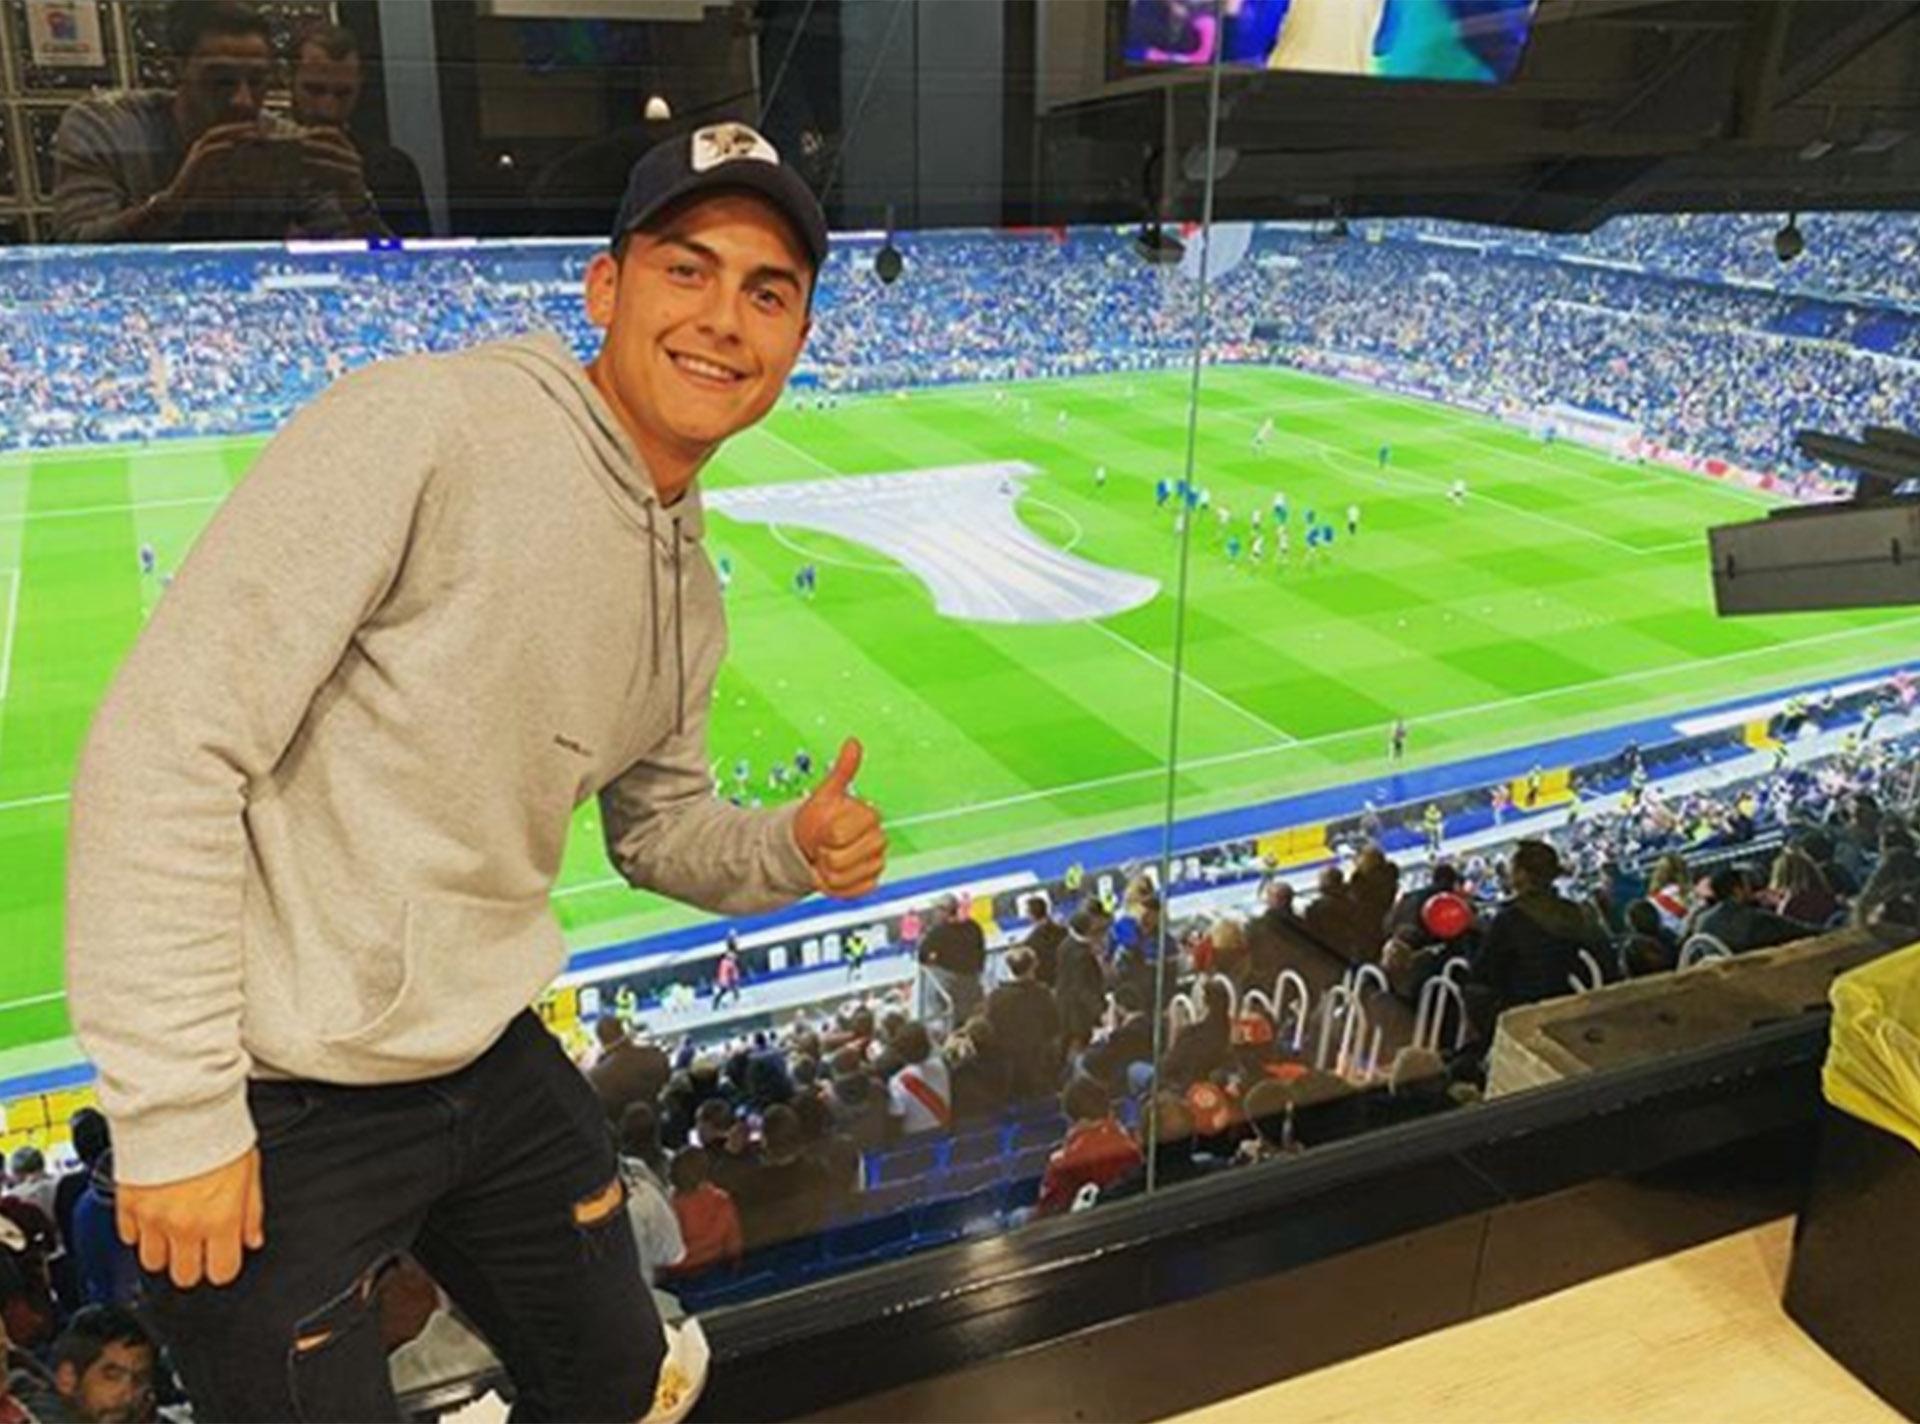 Sin Oriana Sabatini, Paulo Dybala se hizo una escapada desde Turín para ver el partido entre Boca y River. Su corazón con Instituto, pero… ¡¿cómo iba a perderse este partido?!